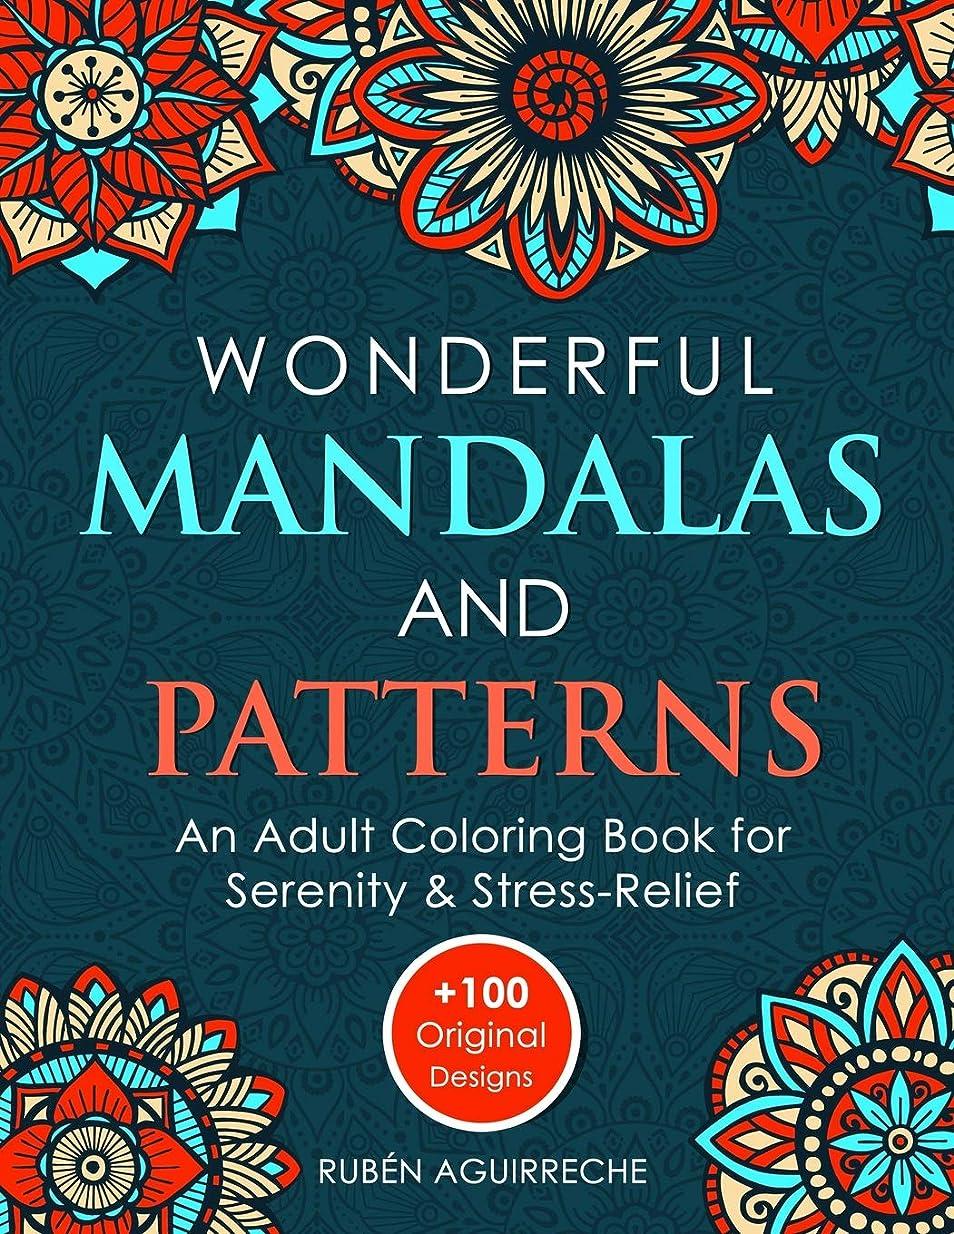 時制勘違いする安全性Wonderful Mandalas and Patterns: An Adult Coloring Book for Serenity & Stress-Relief (+100 Original Designs)